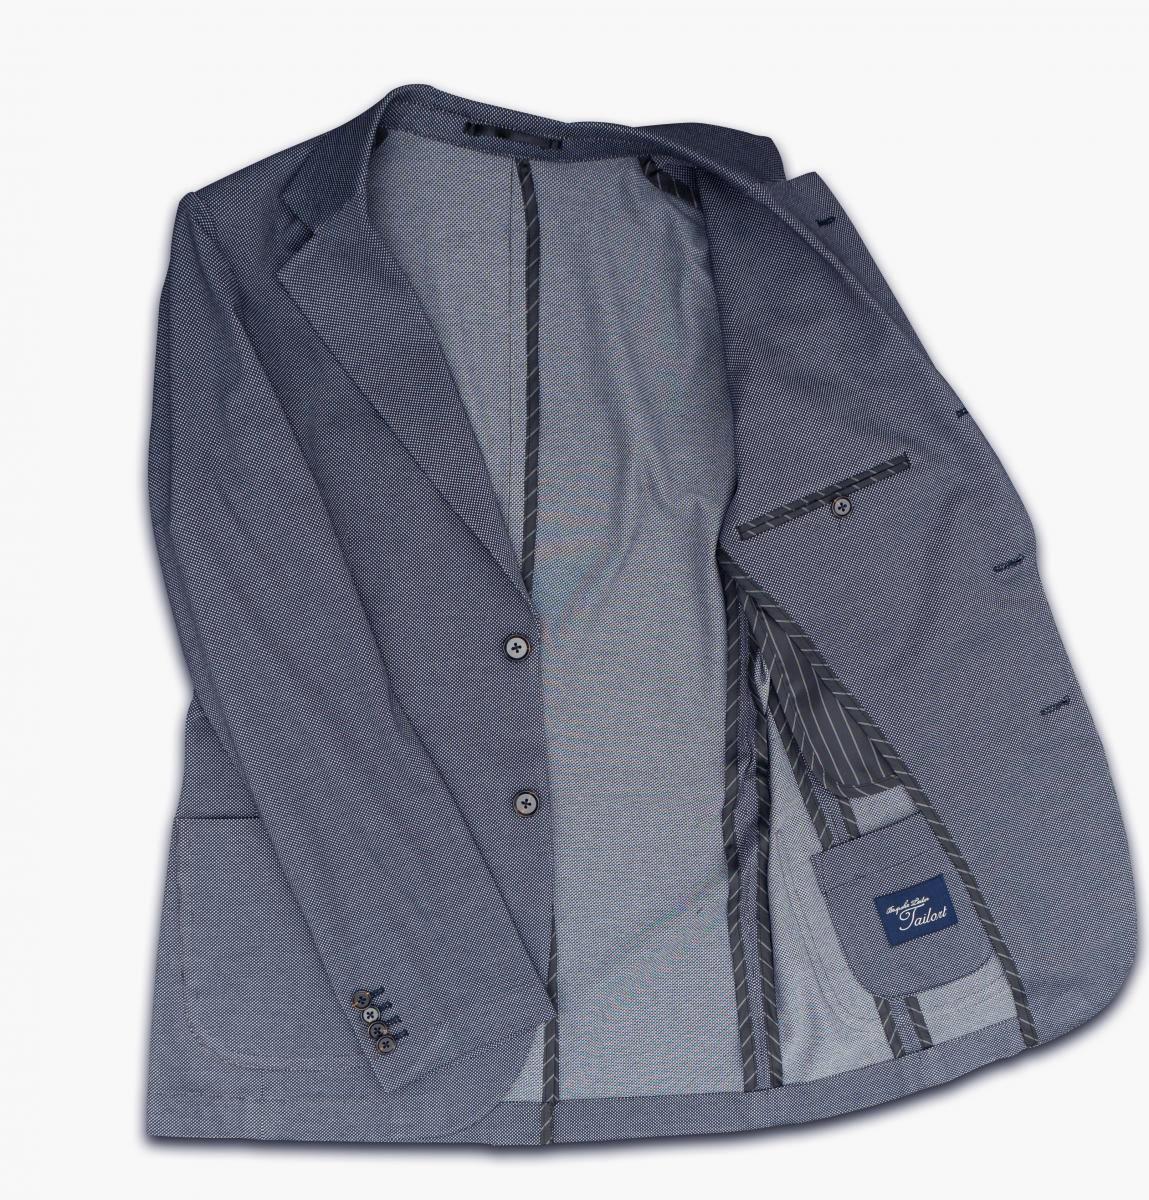 [カジュアルジャケット]ブルーの爽やかさ×ニットの着心地の良さをお届け